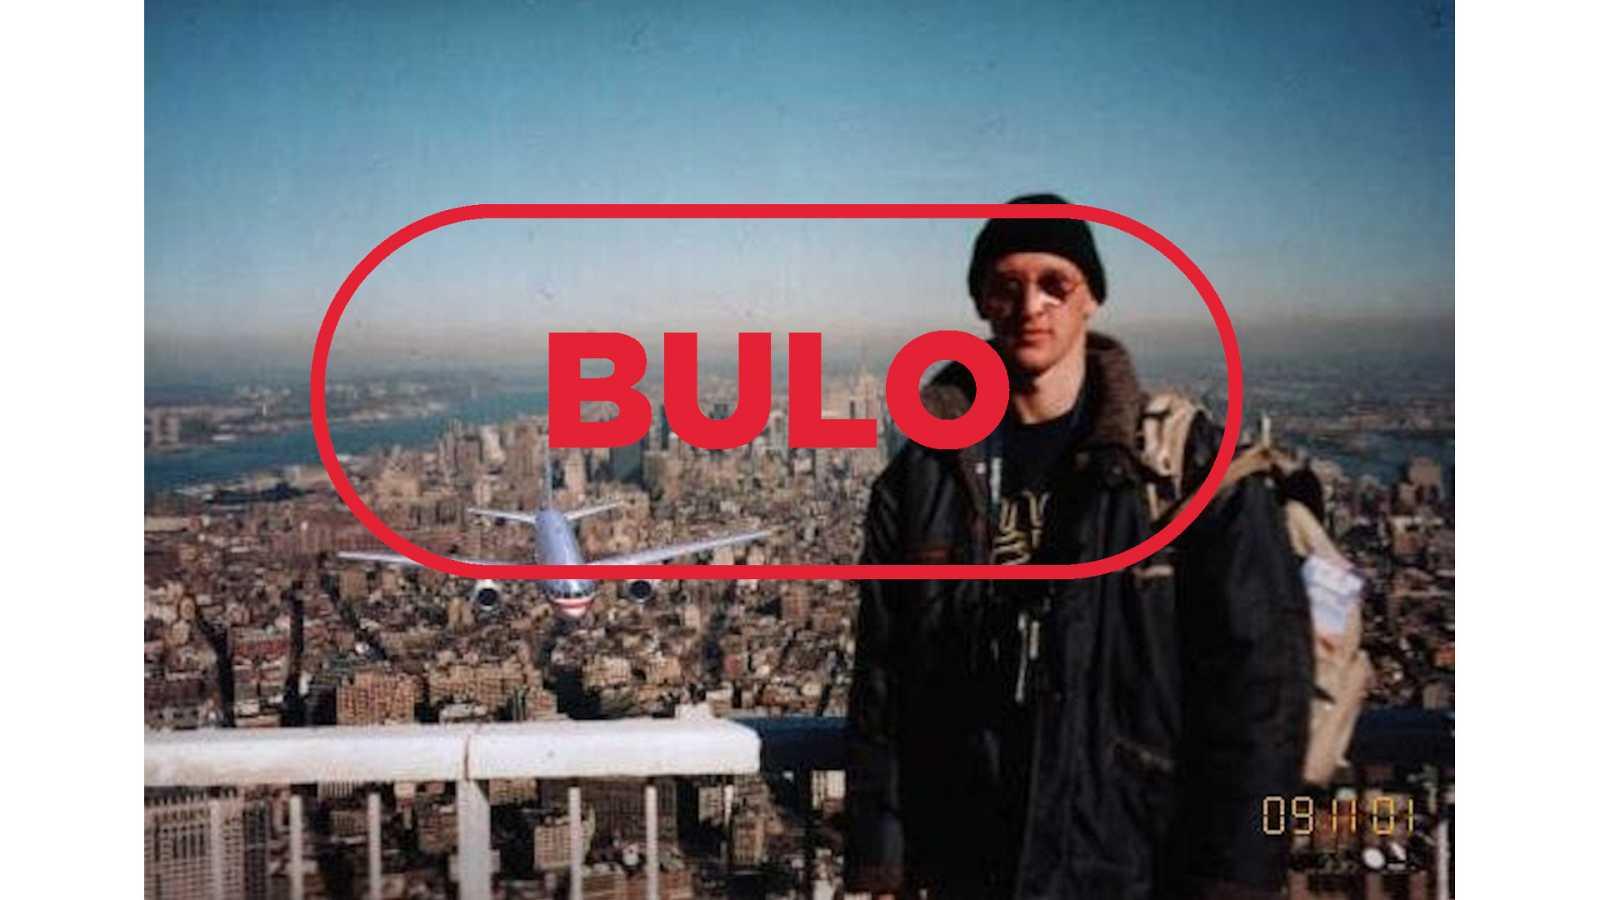 La imagen de un turista en una de las Torres Gemelas de Nueva York con un avión de fondo añadido digitalmente y el sello bulo en rojo de VerificaRTVE